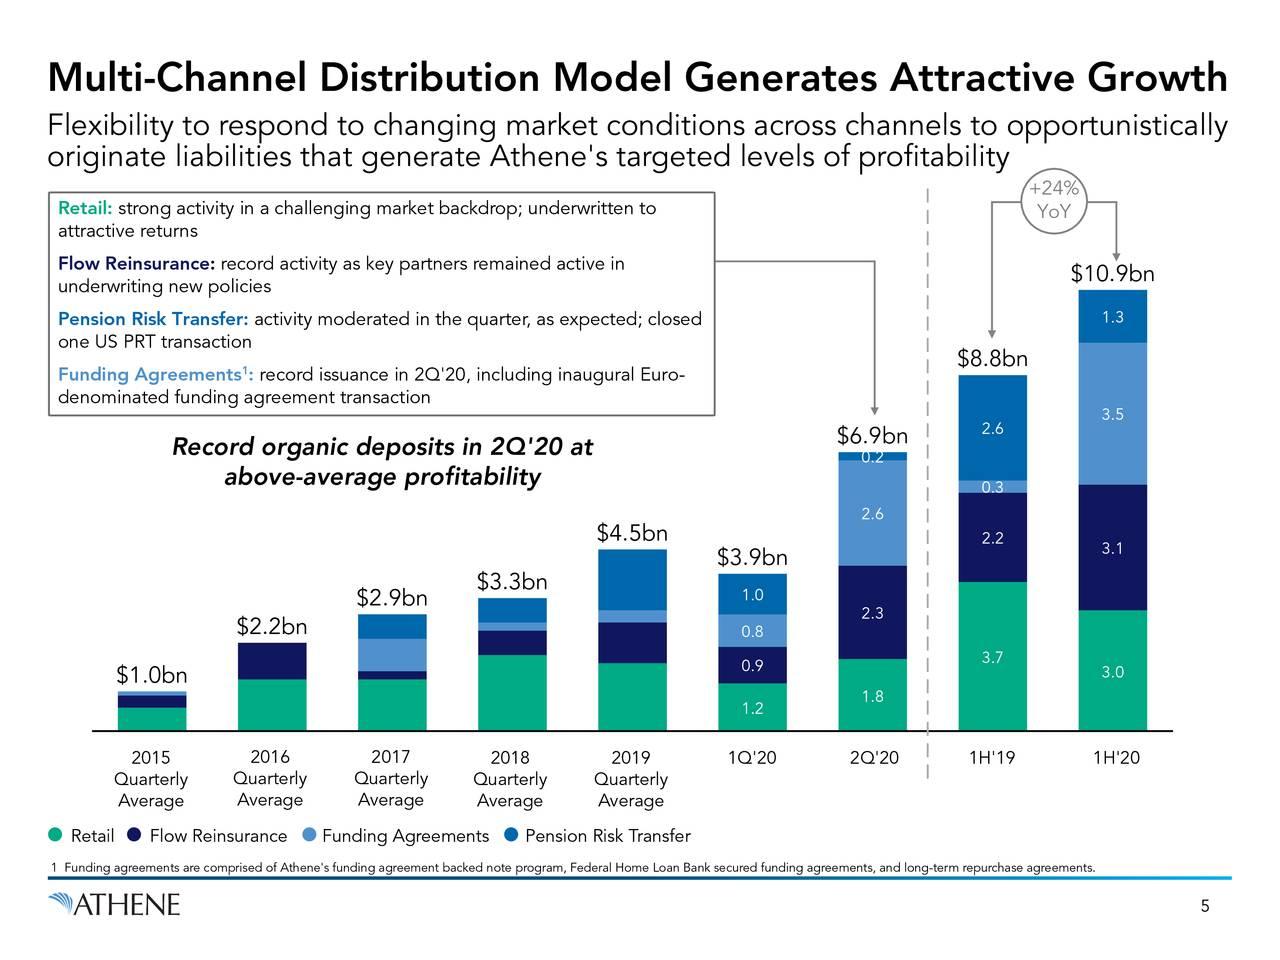 El modelo de distribución multicanal genera un crecimiento atractivo